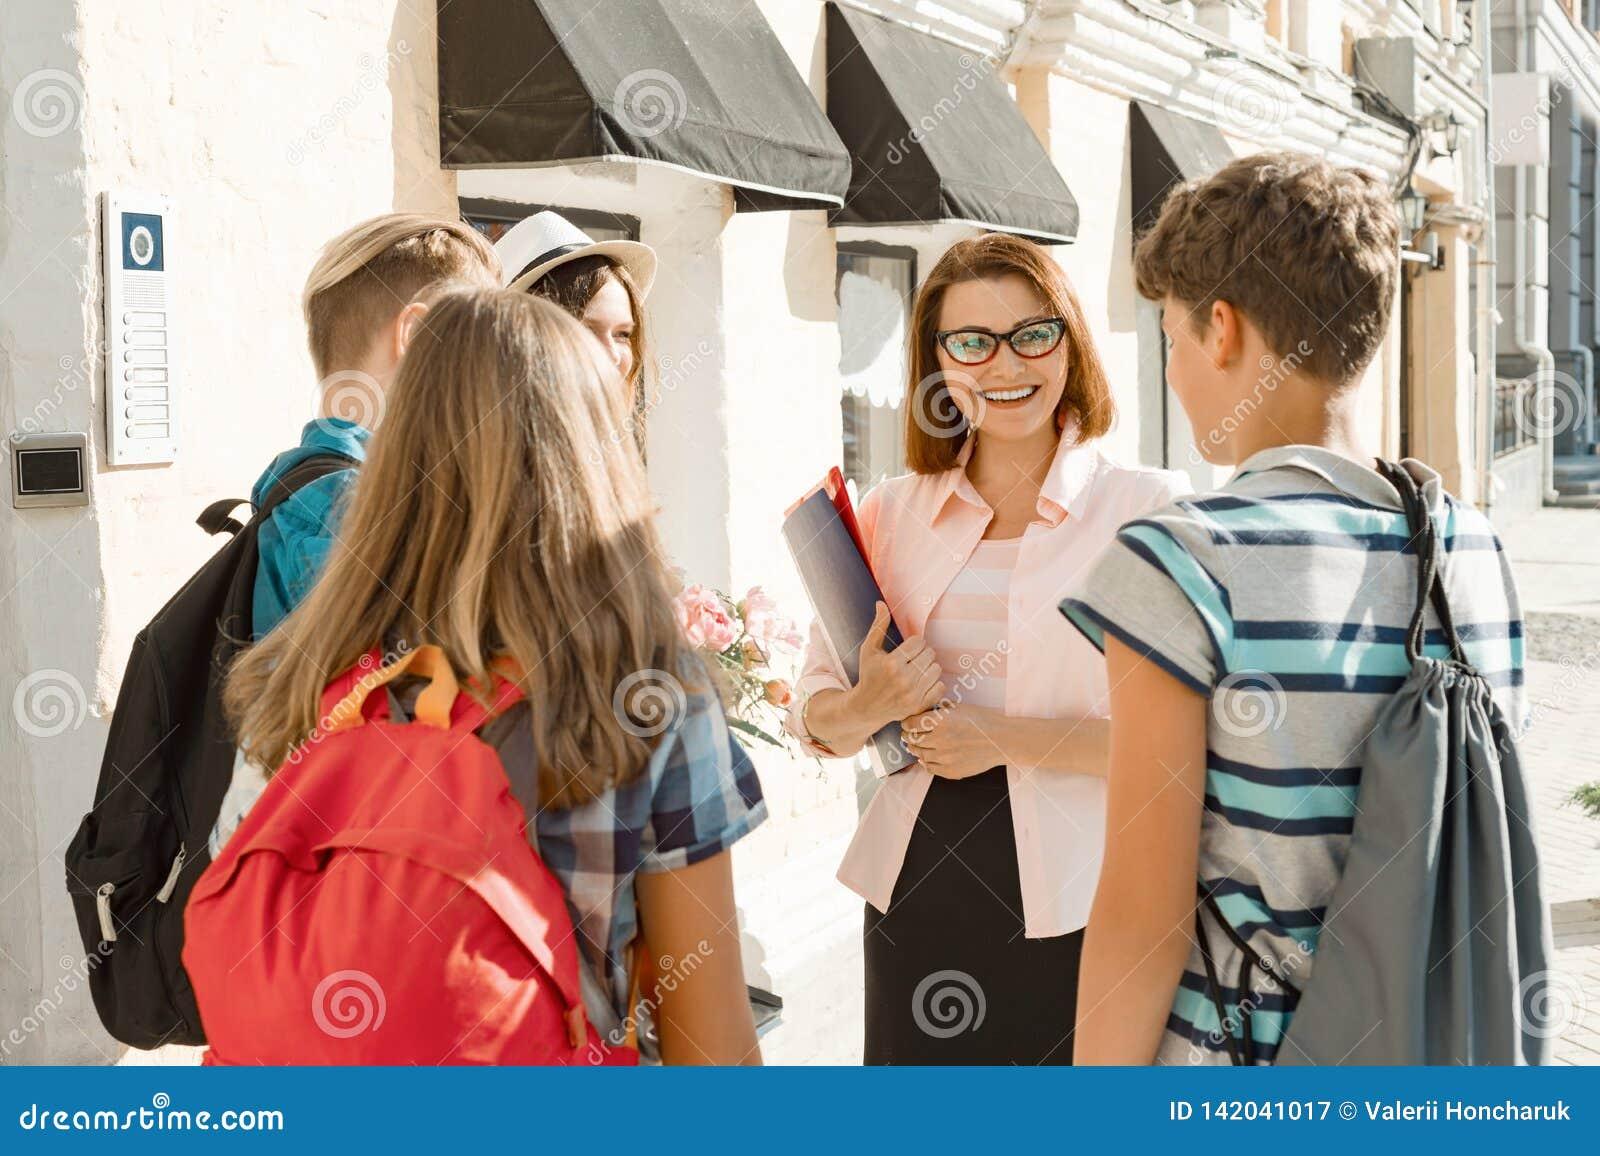 Openluchtschoolleraar met groep tienermiddelbare schoolstudenten, glimlachende leraar die aan kinderen spreken